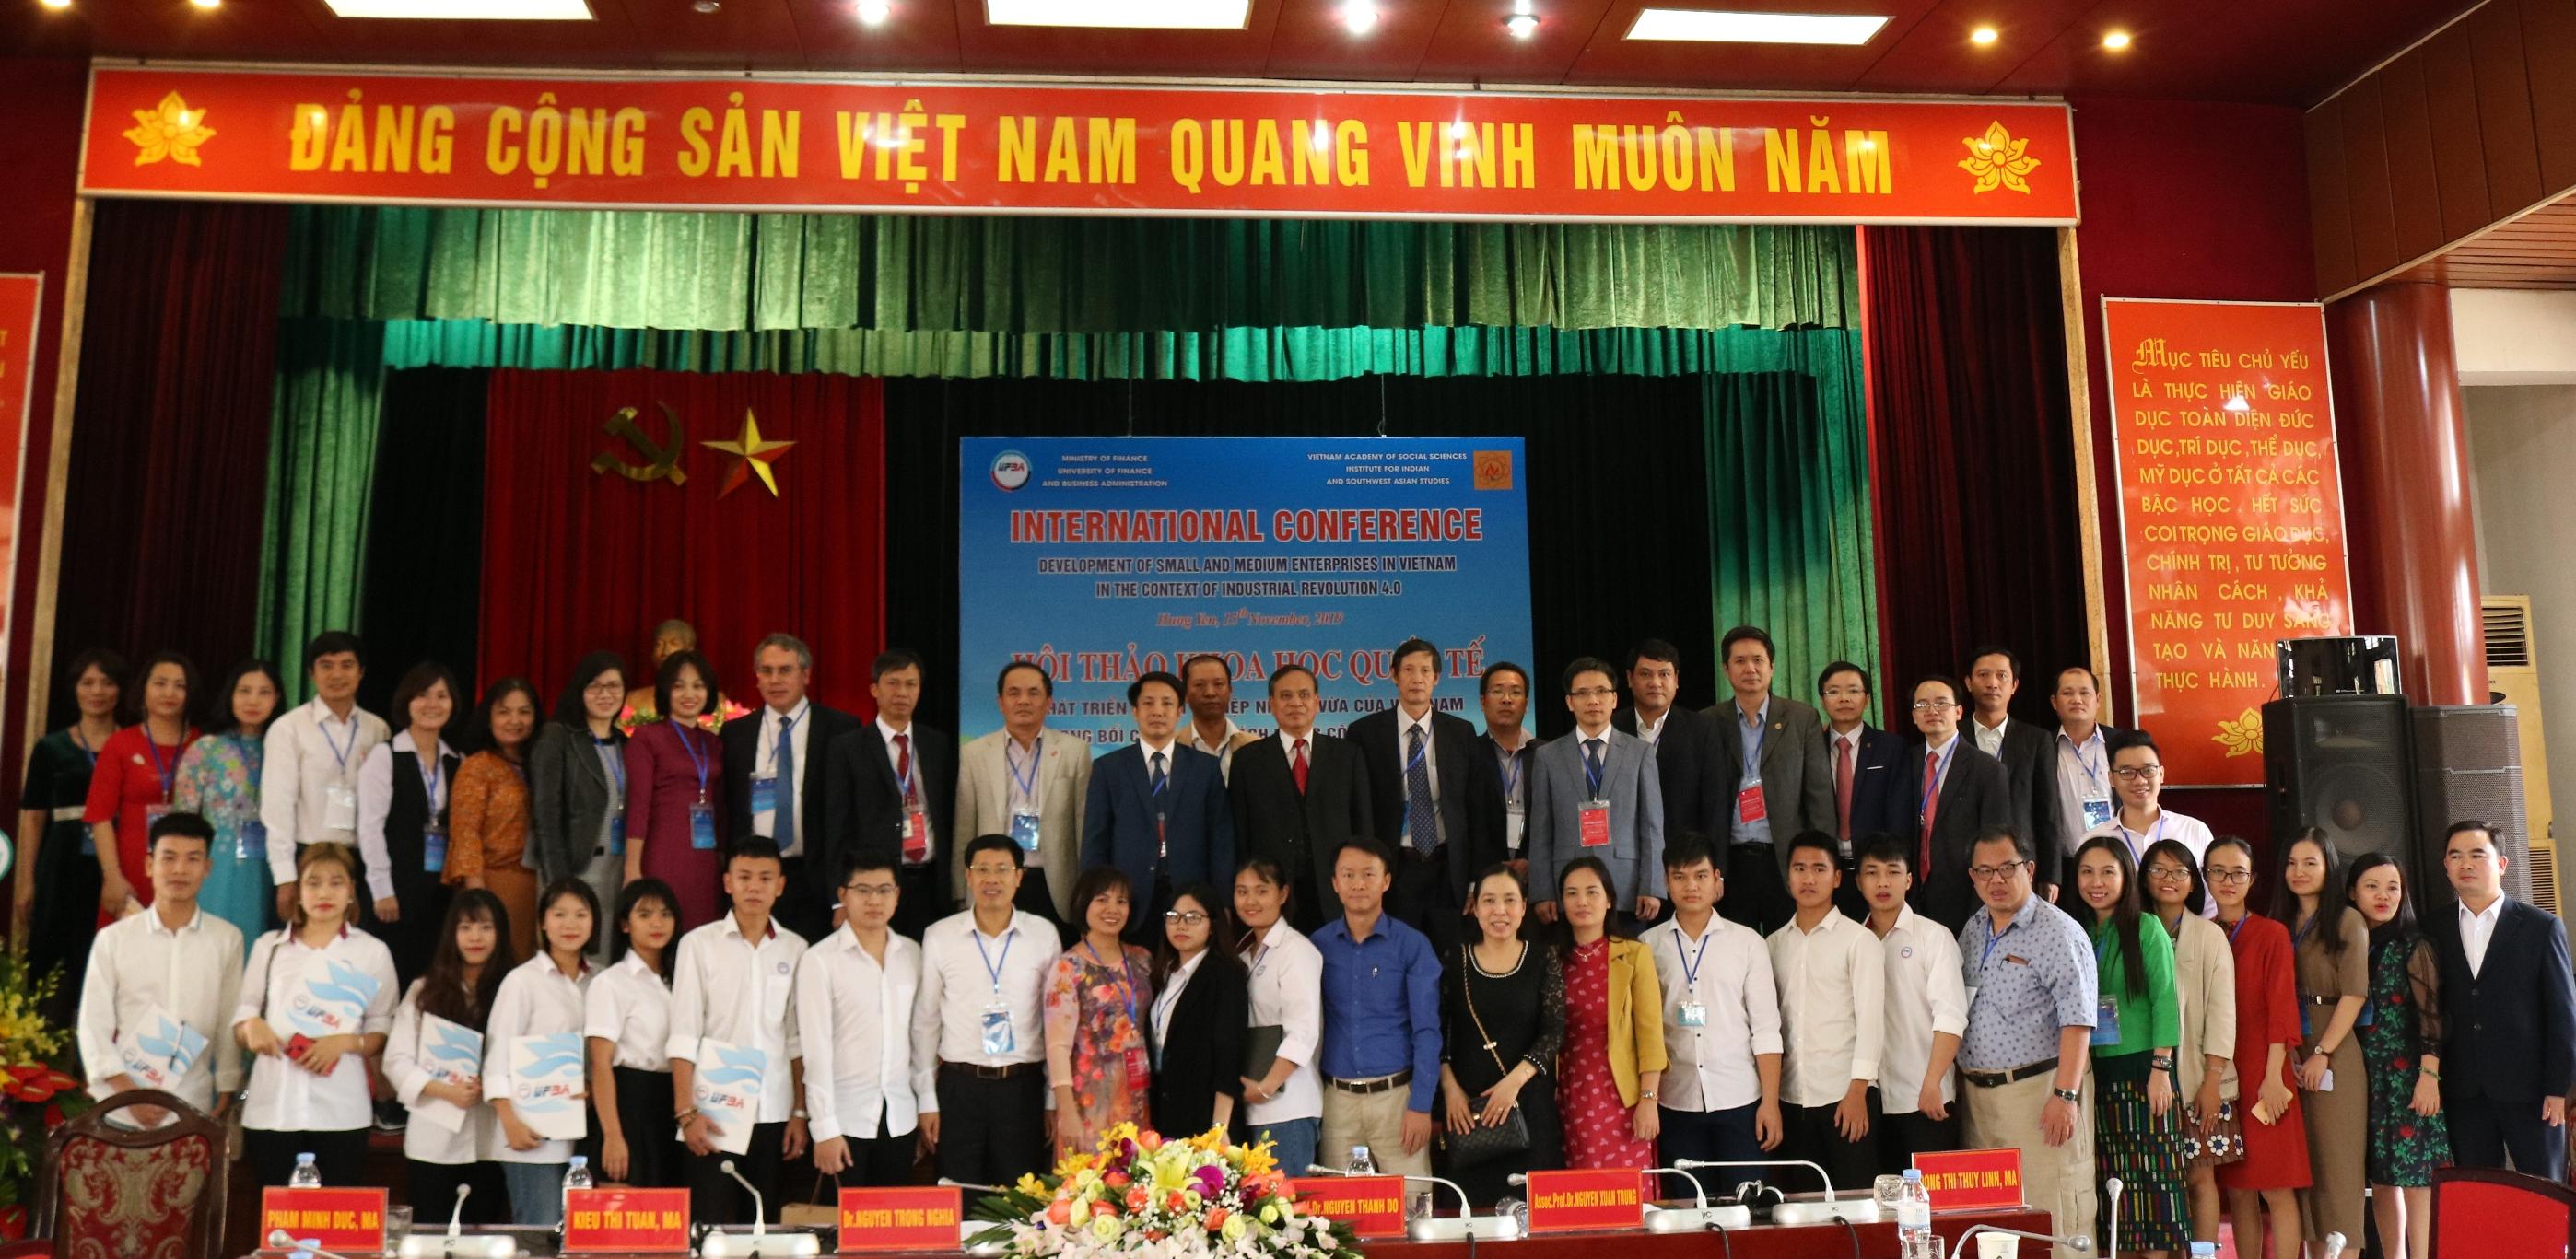 """Hội thảo quốc tế 2019 """"Phát triển doanh nghiệp nhỏ và vừa của Việt Nam trong bối cảnh cuộc cách mạng công nghiệp 4.0"""